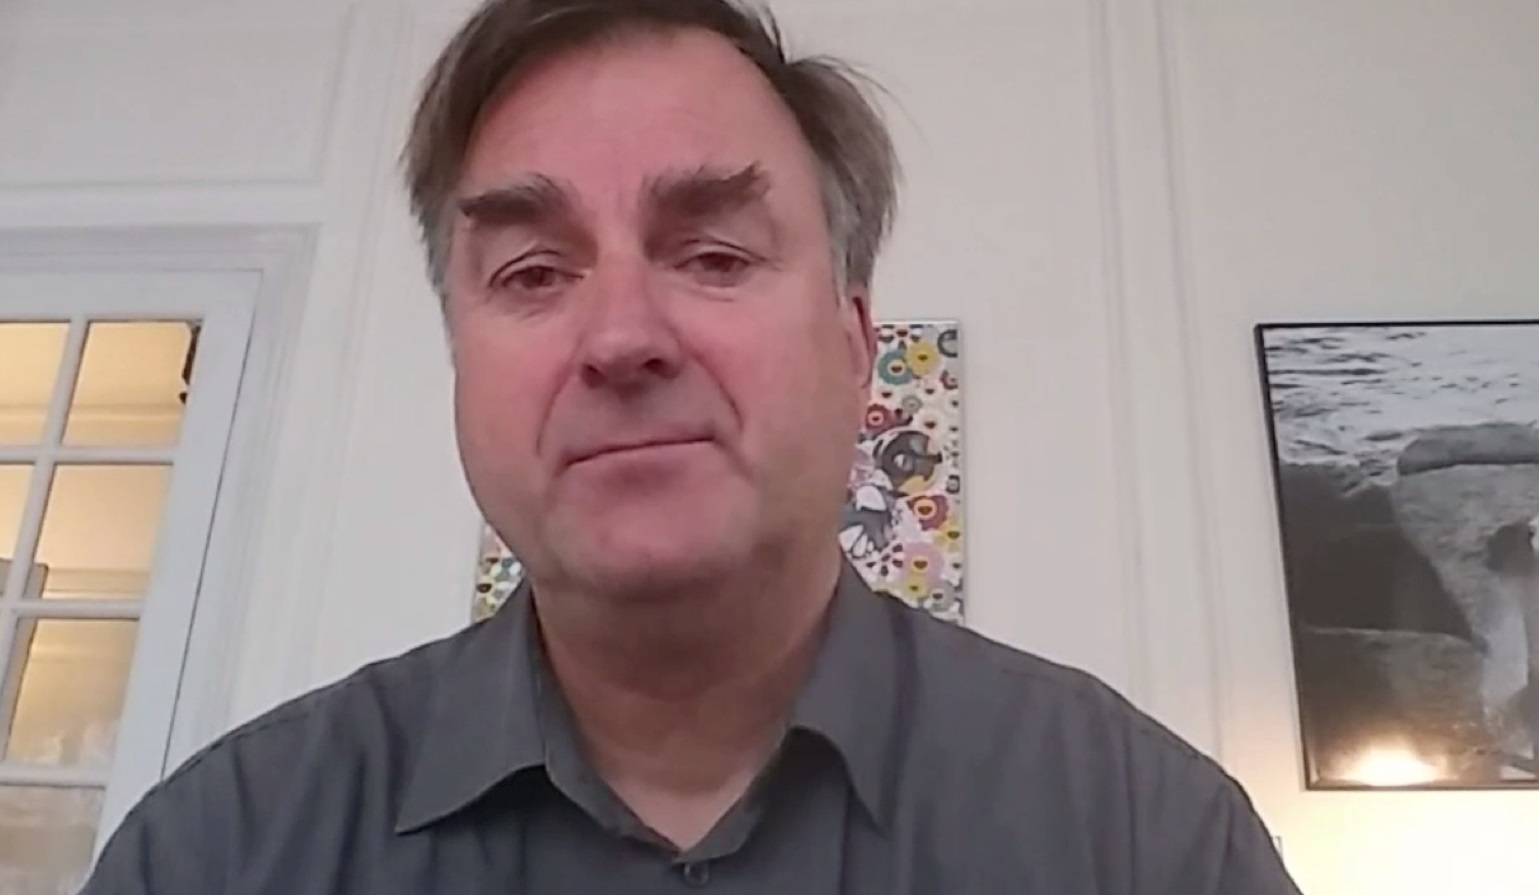 Augenzeuge Thomas Kramer zu den Anschlägen in Paris, November 2015